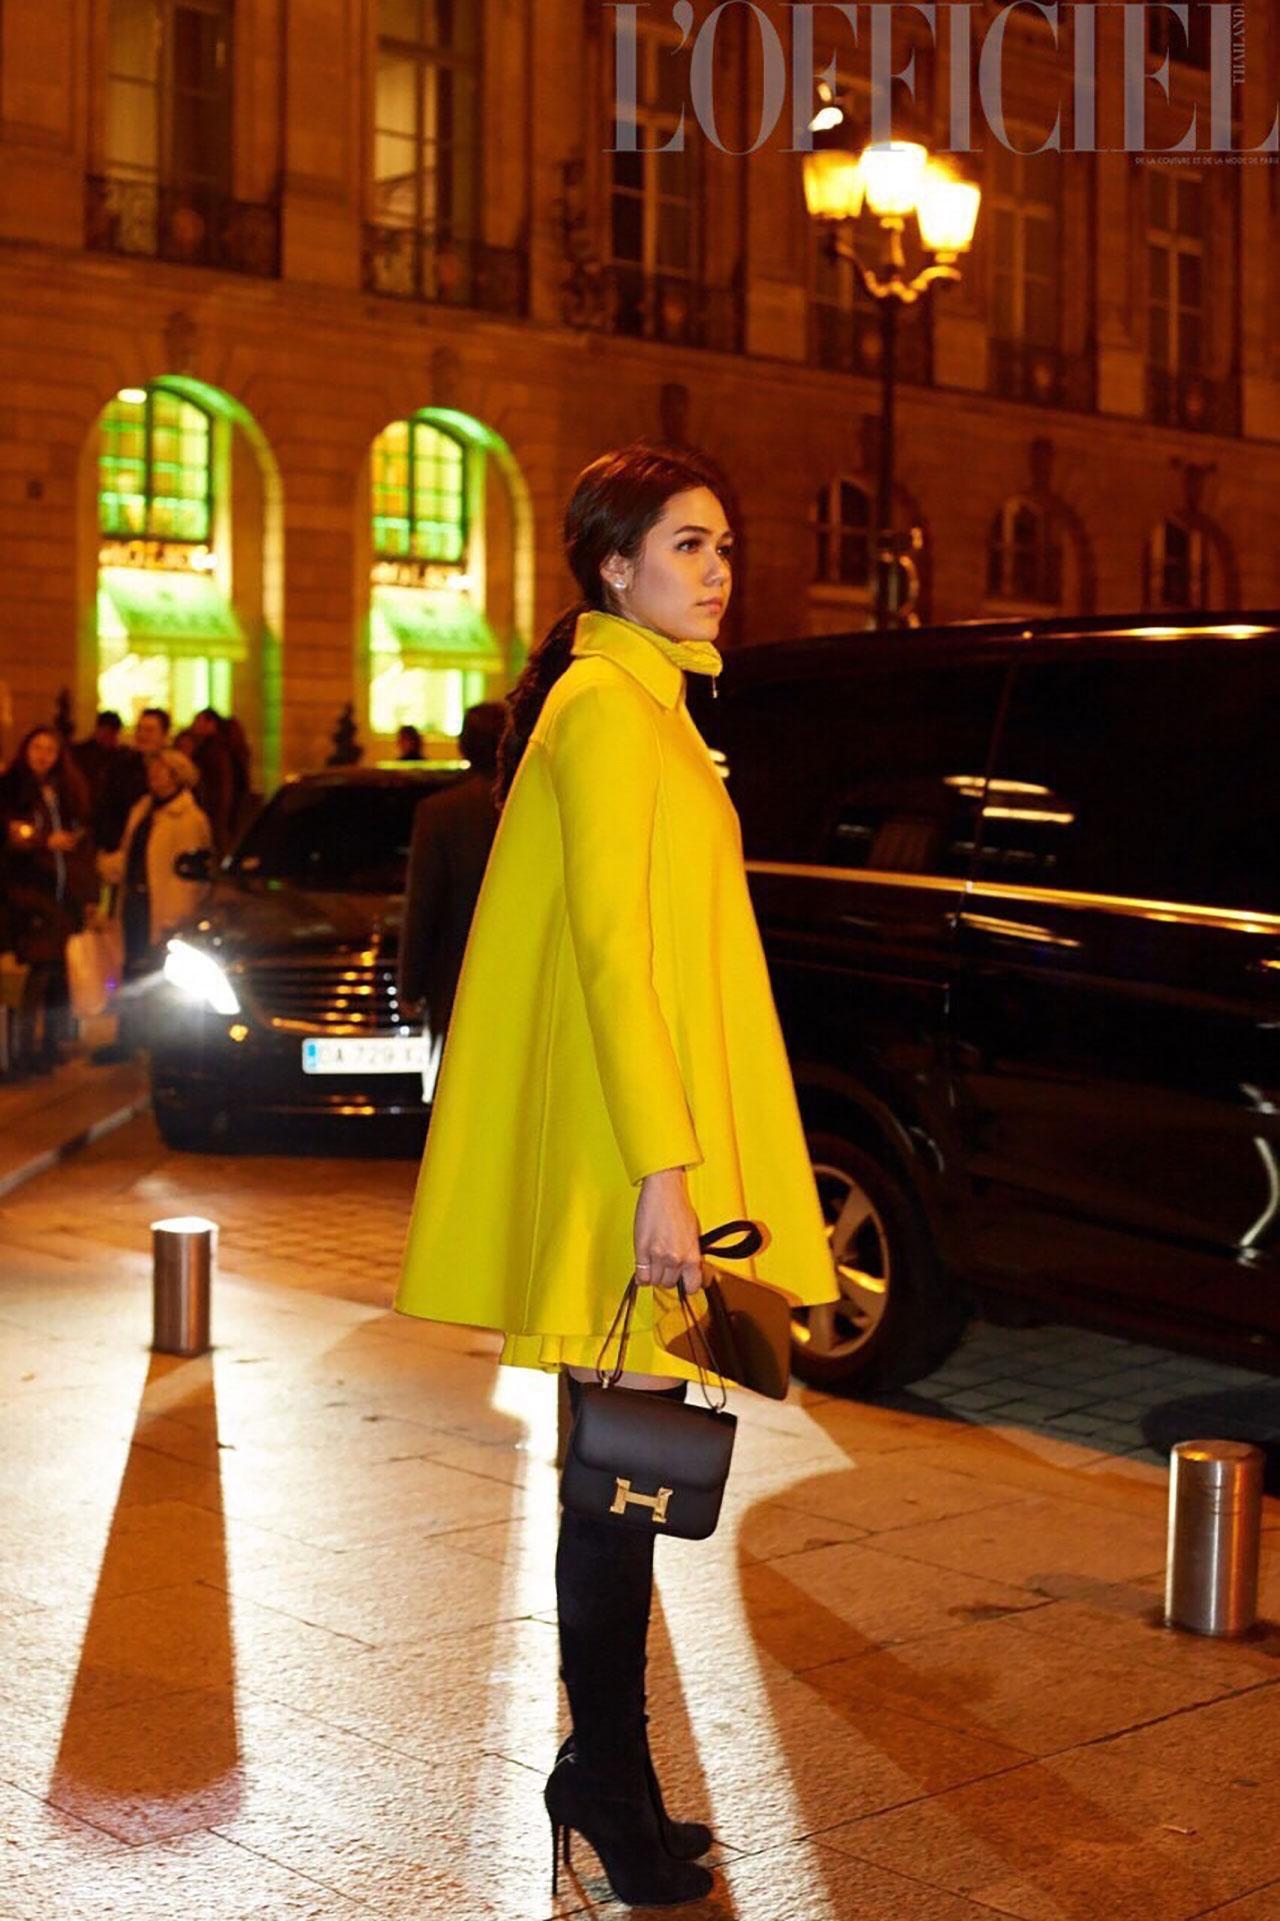 ไปร่วมชมแฟชั่นโชว์ของแบรนด์ Versace